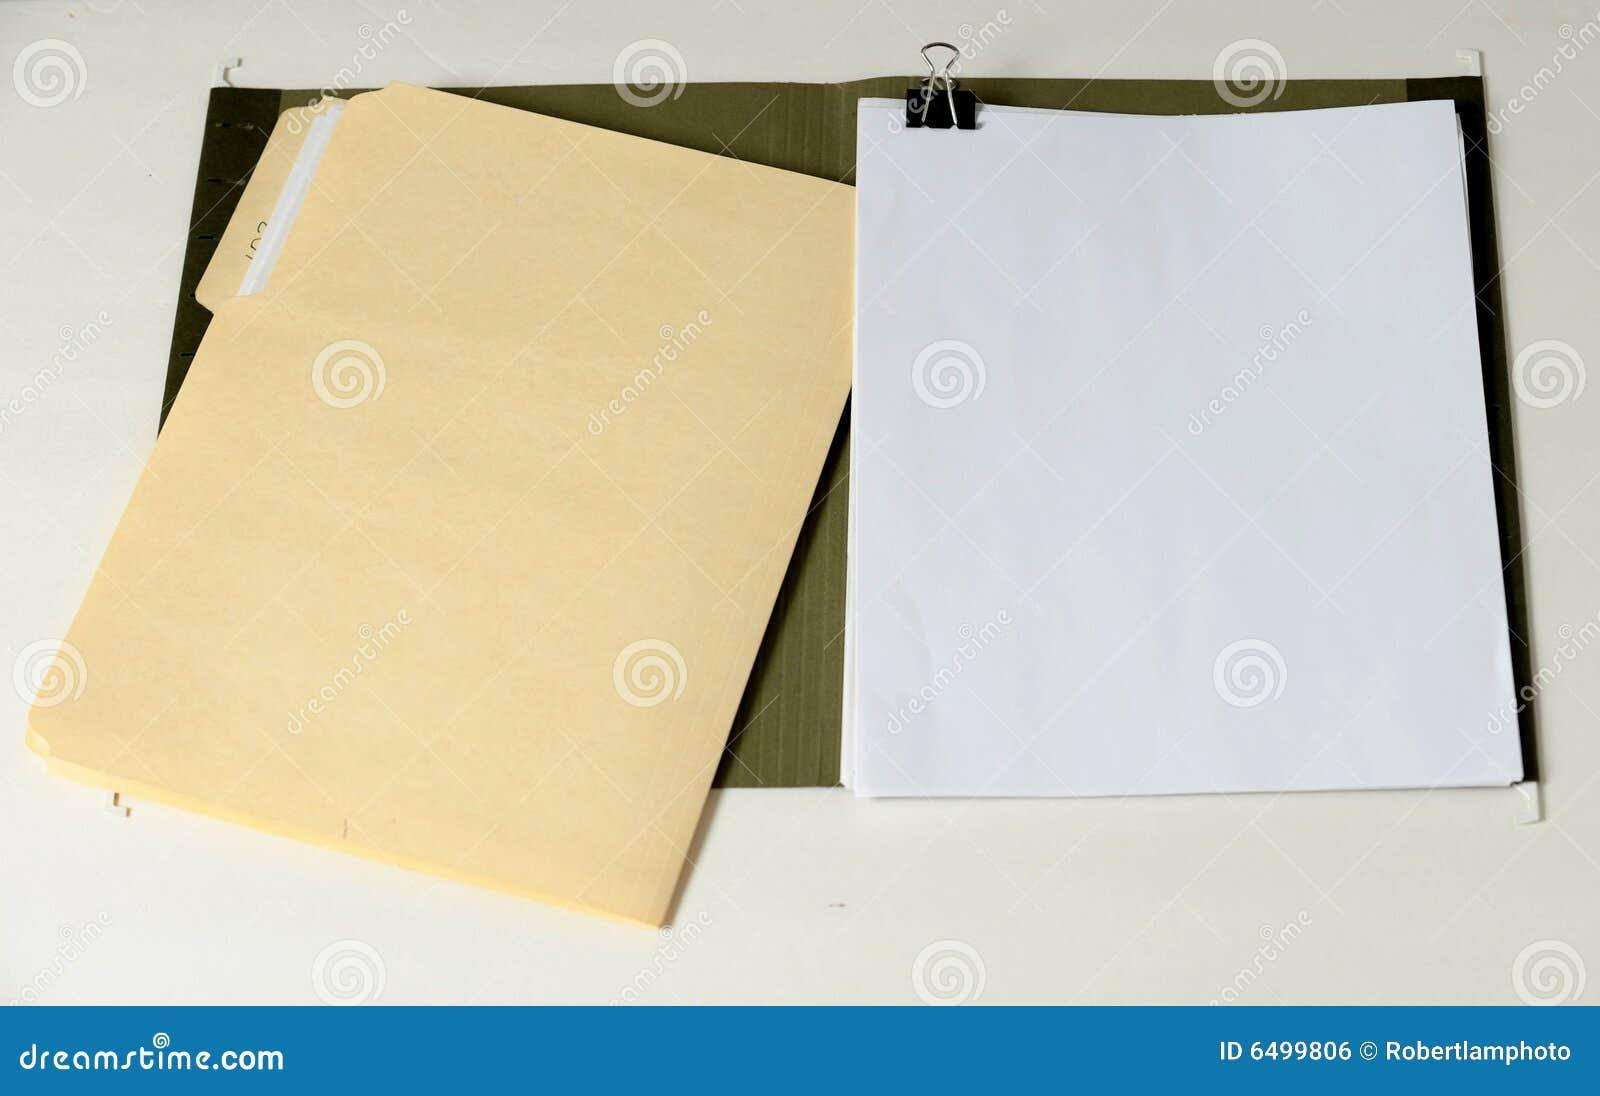 how to open zipped folder free